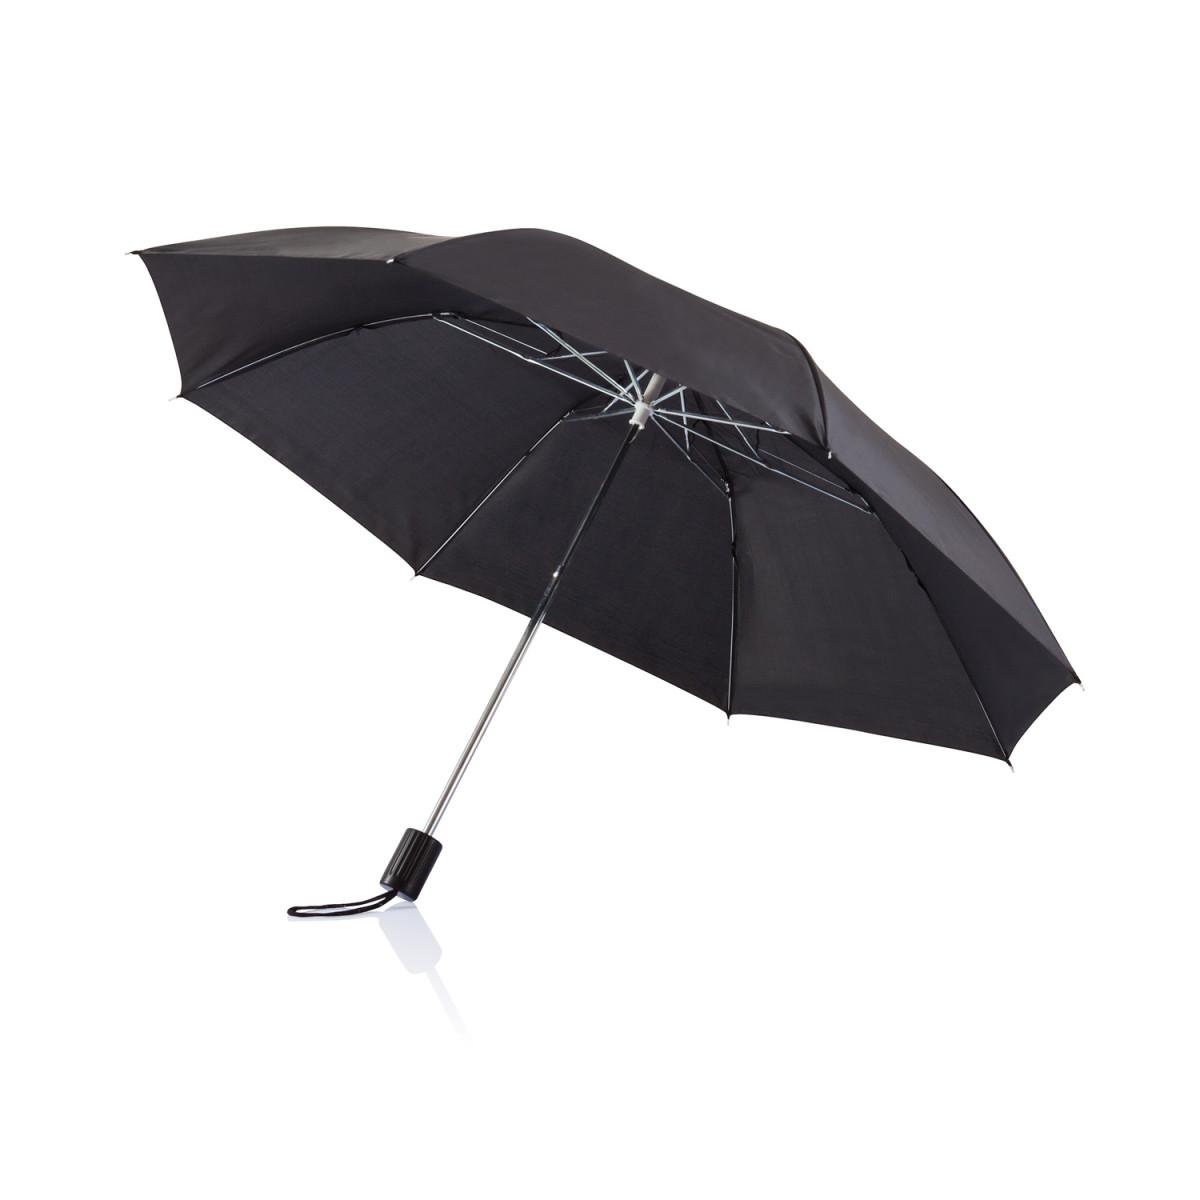 Складной зонт Deluxe 20,черный